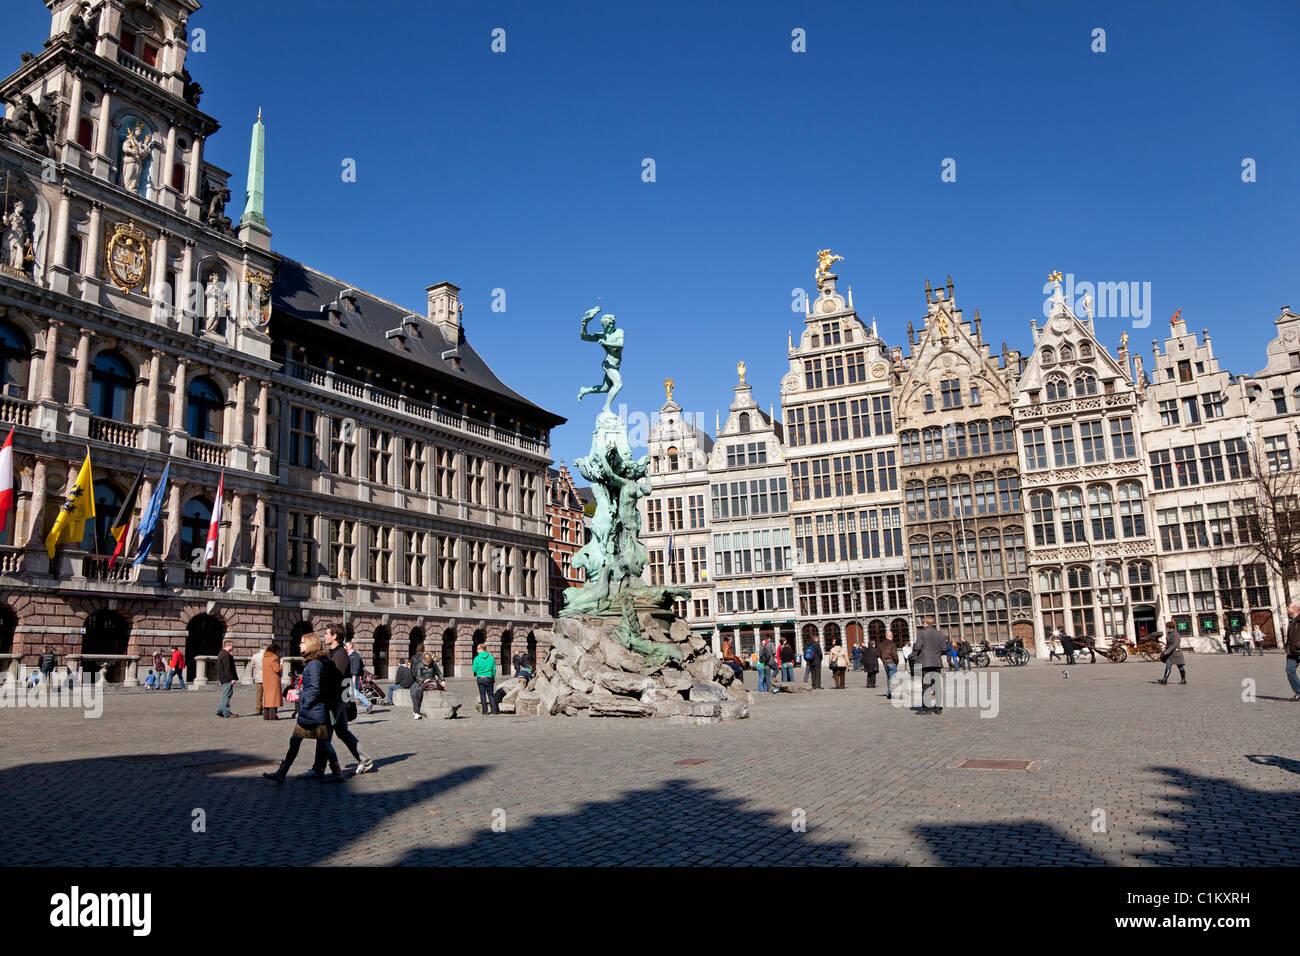 Grote markt in Antwerp, Belgium - Stock Image